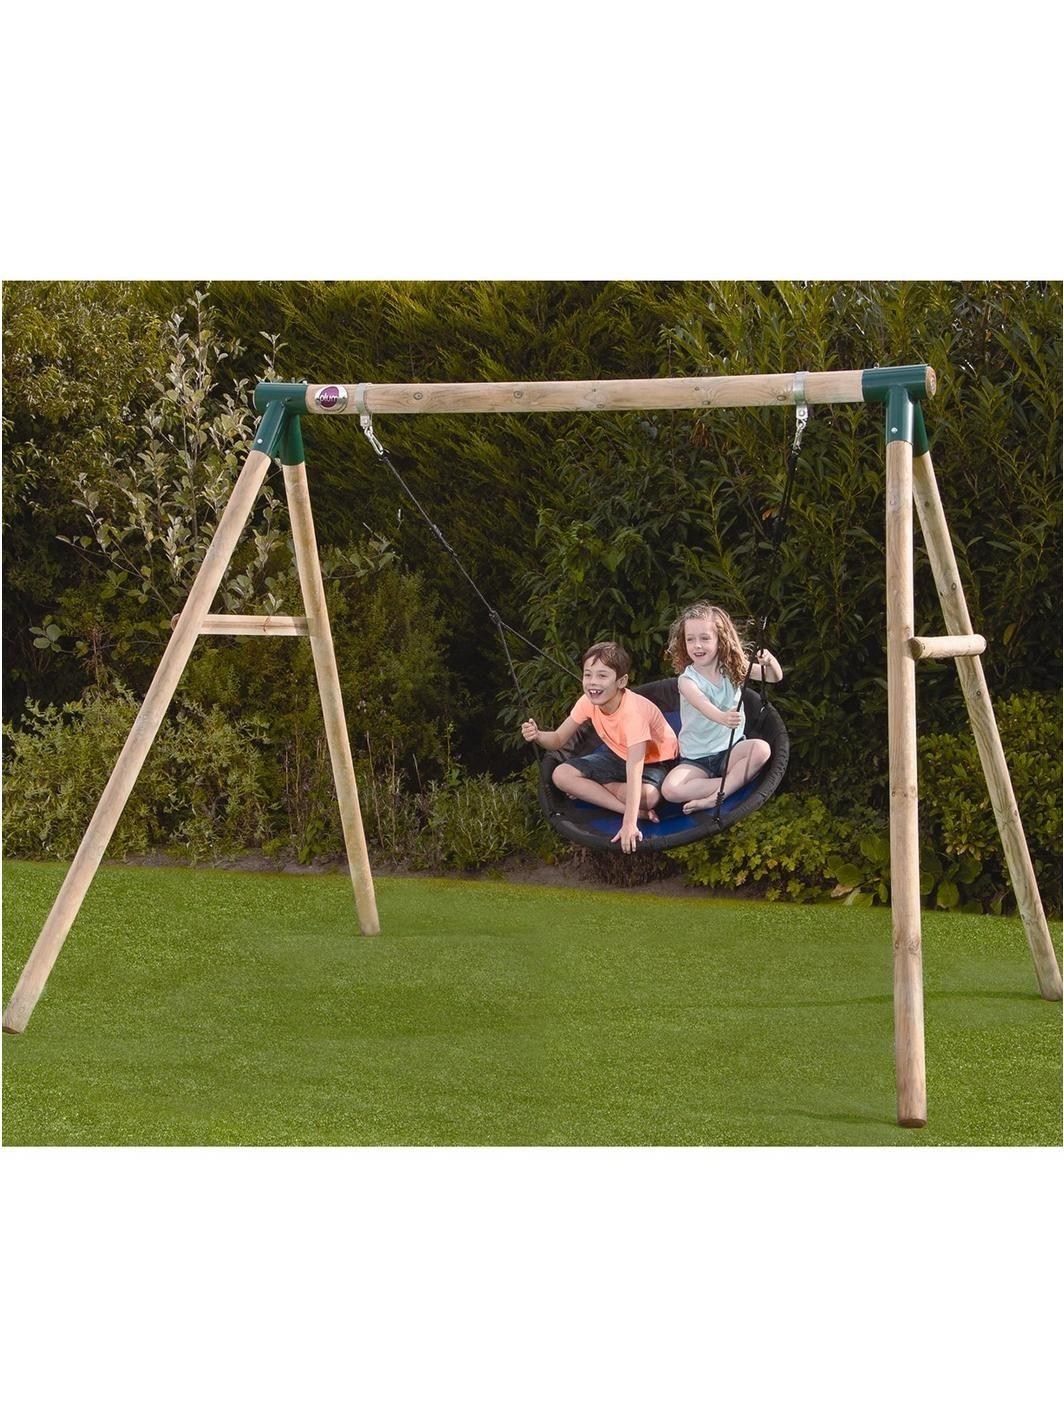 Spider Monkey Wooden Swing Set | Backyard fun | Pinterest | Spider ...